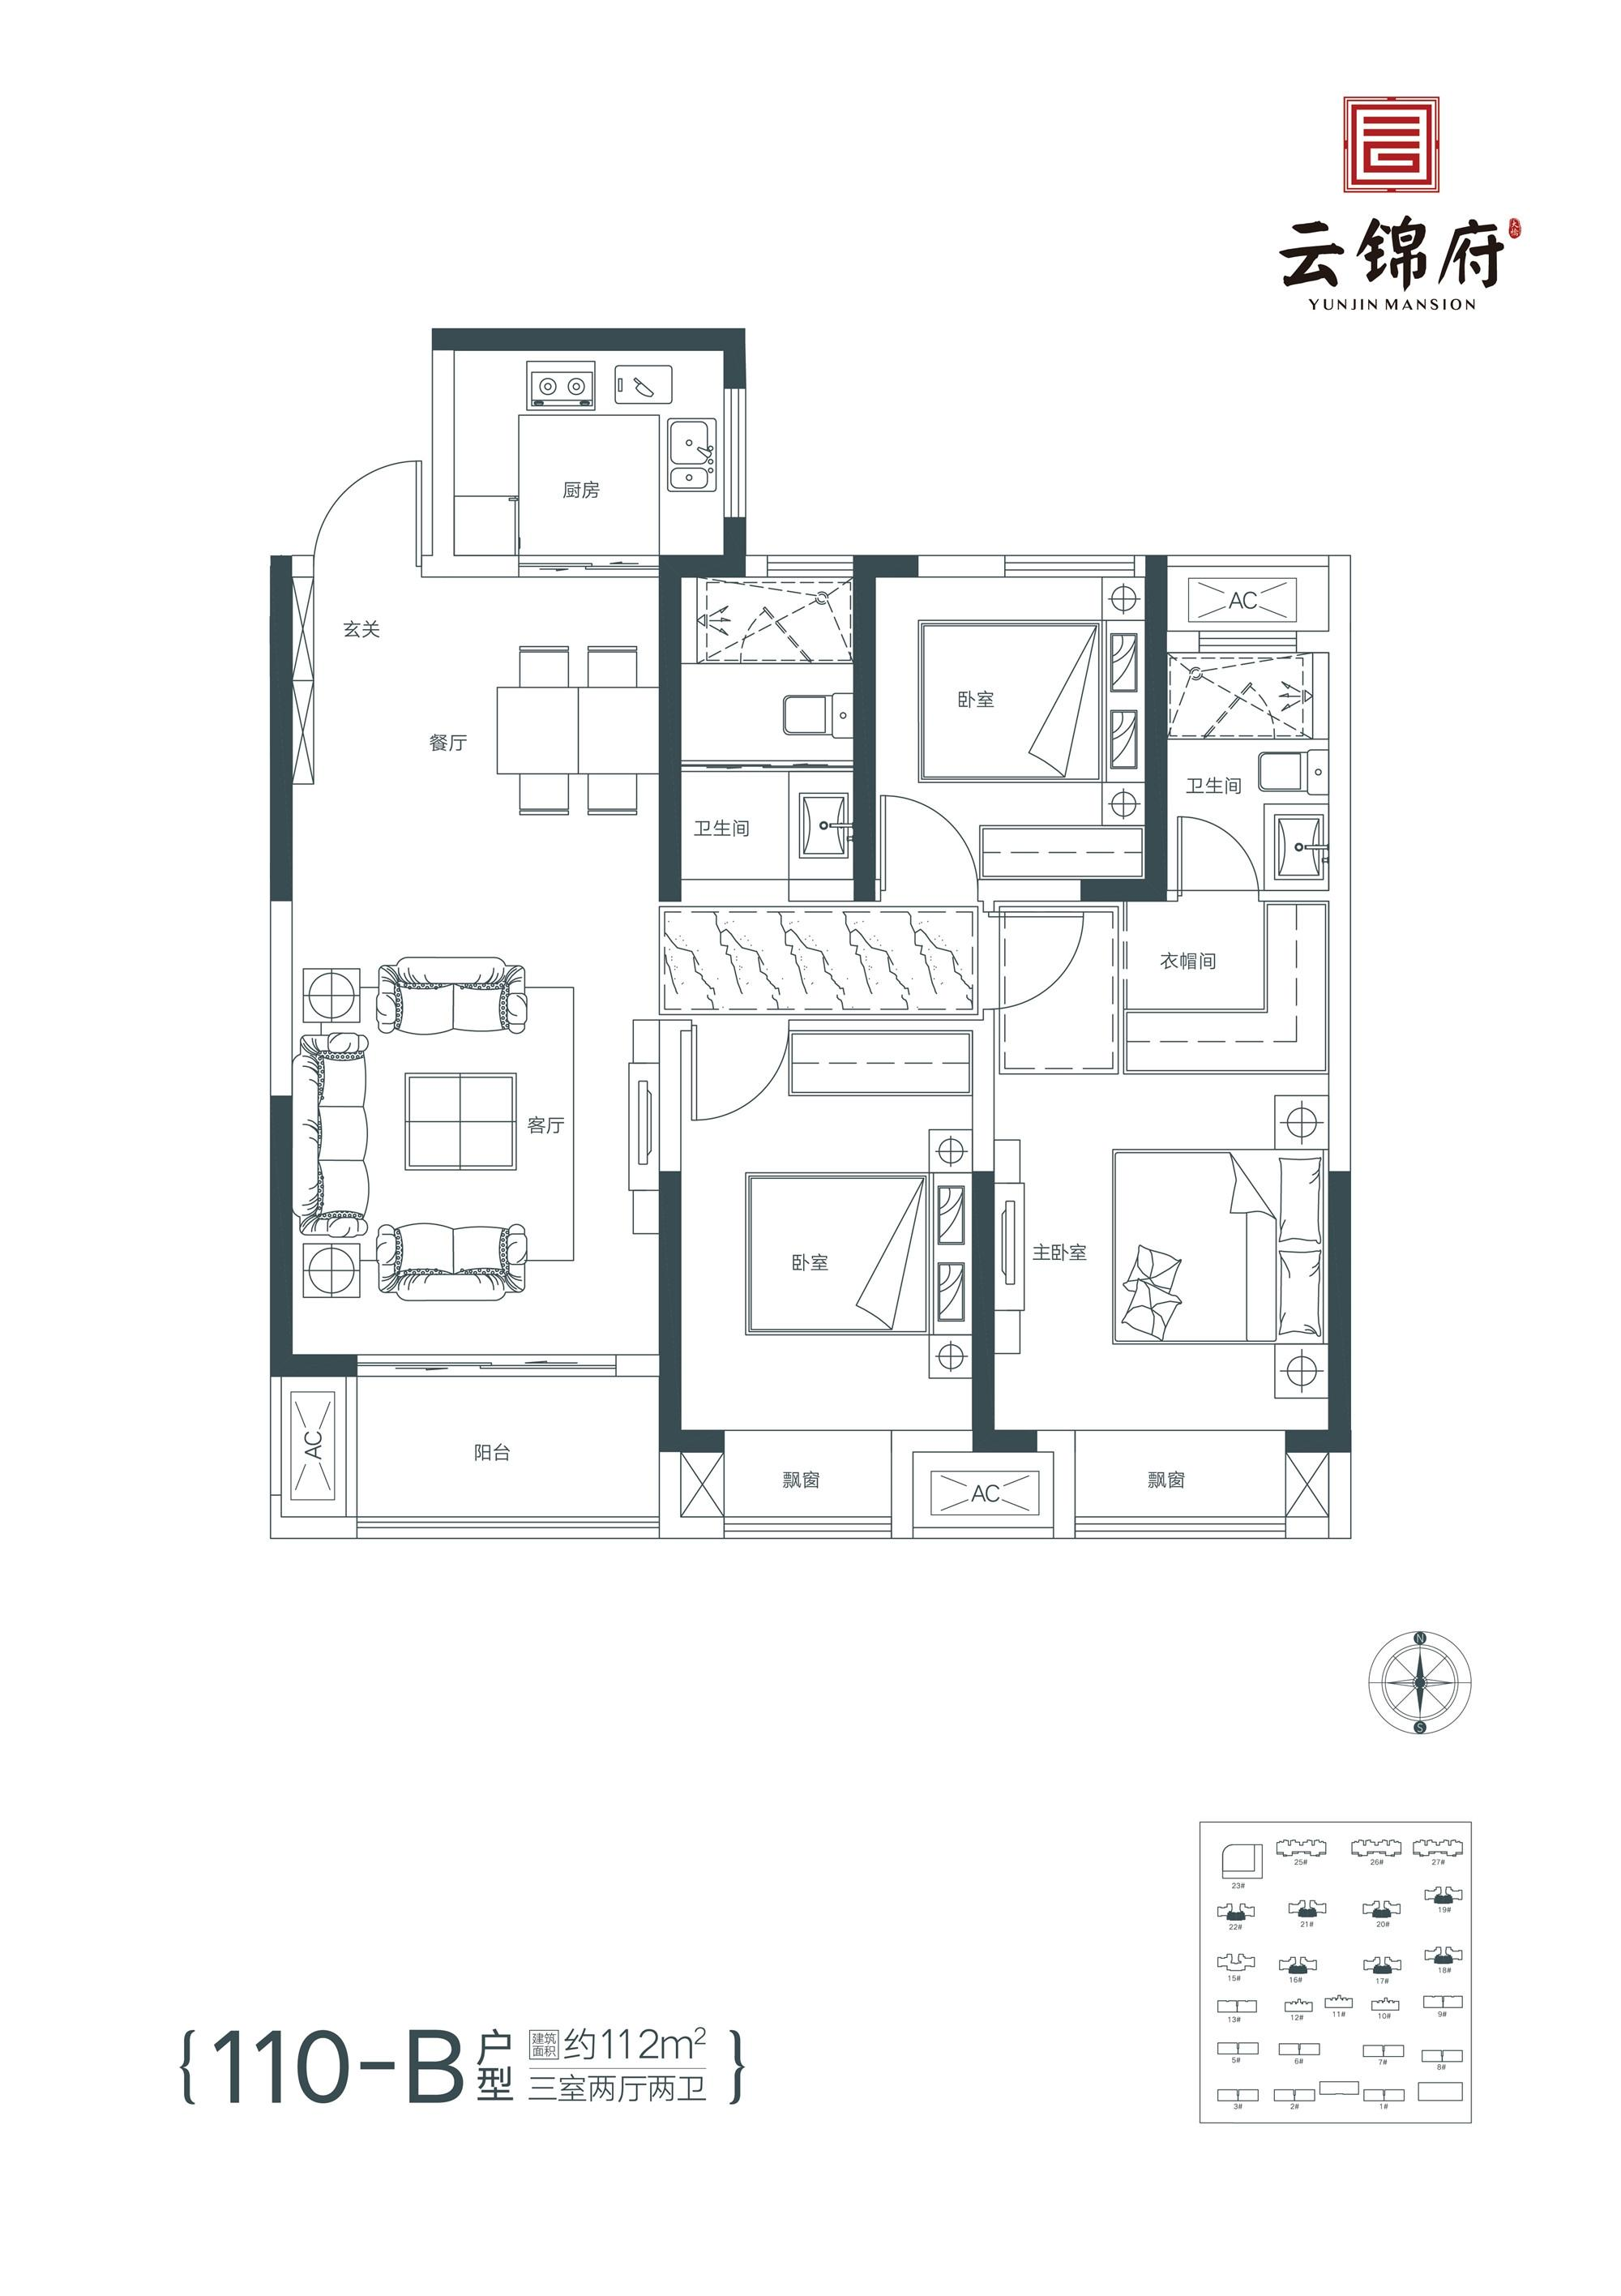 112-B 三室两厅两卫